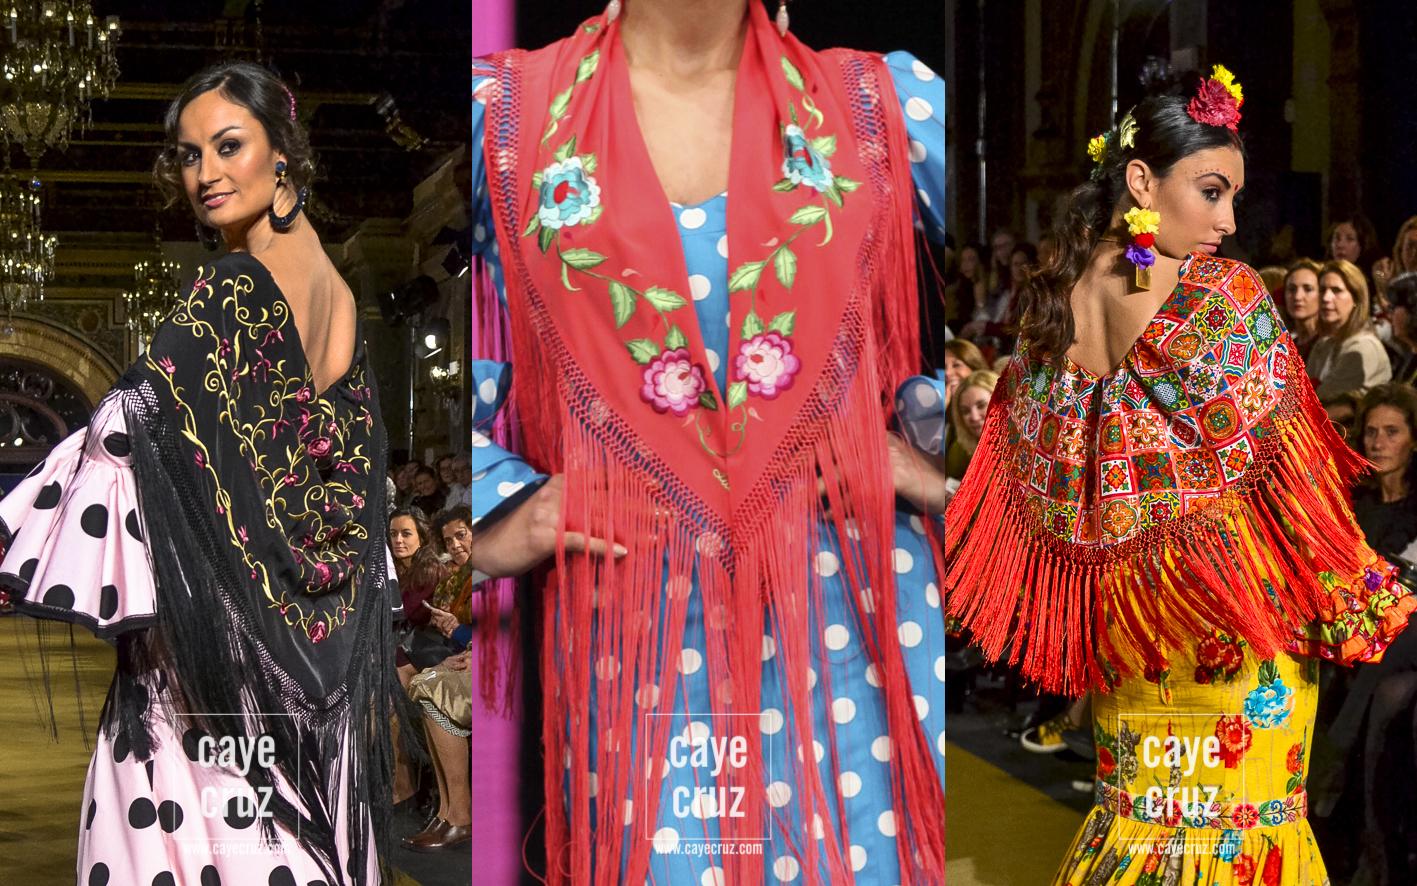 Cuenta atrás para la Feria de Sevilla 2017: 5 pasos para tener un buen look de flamenca 'de última hora'